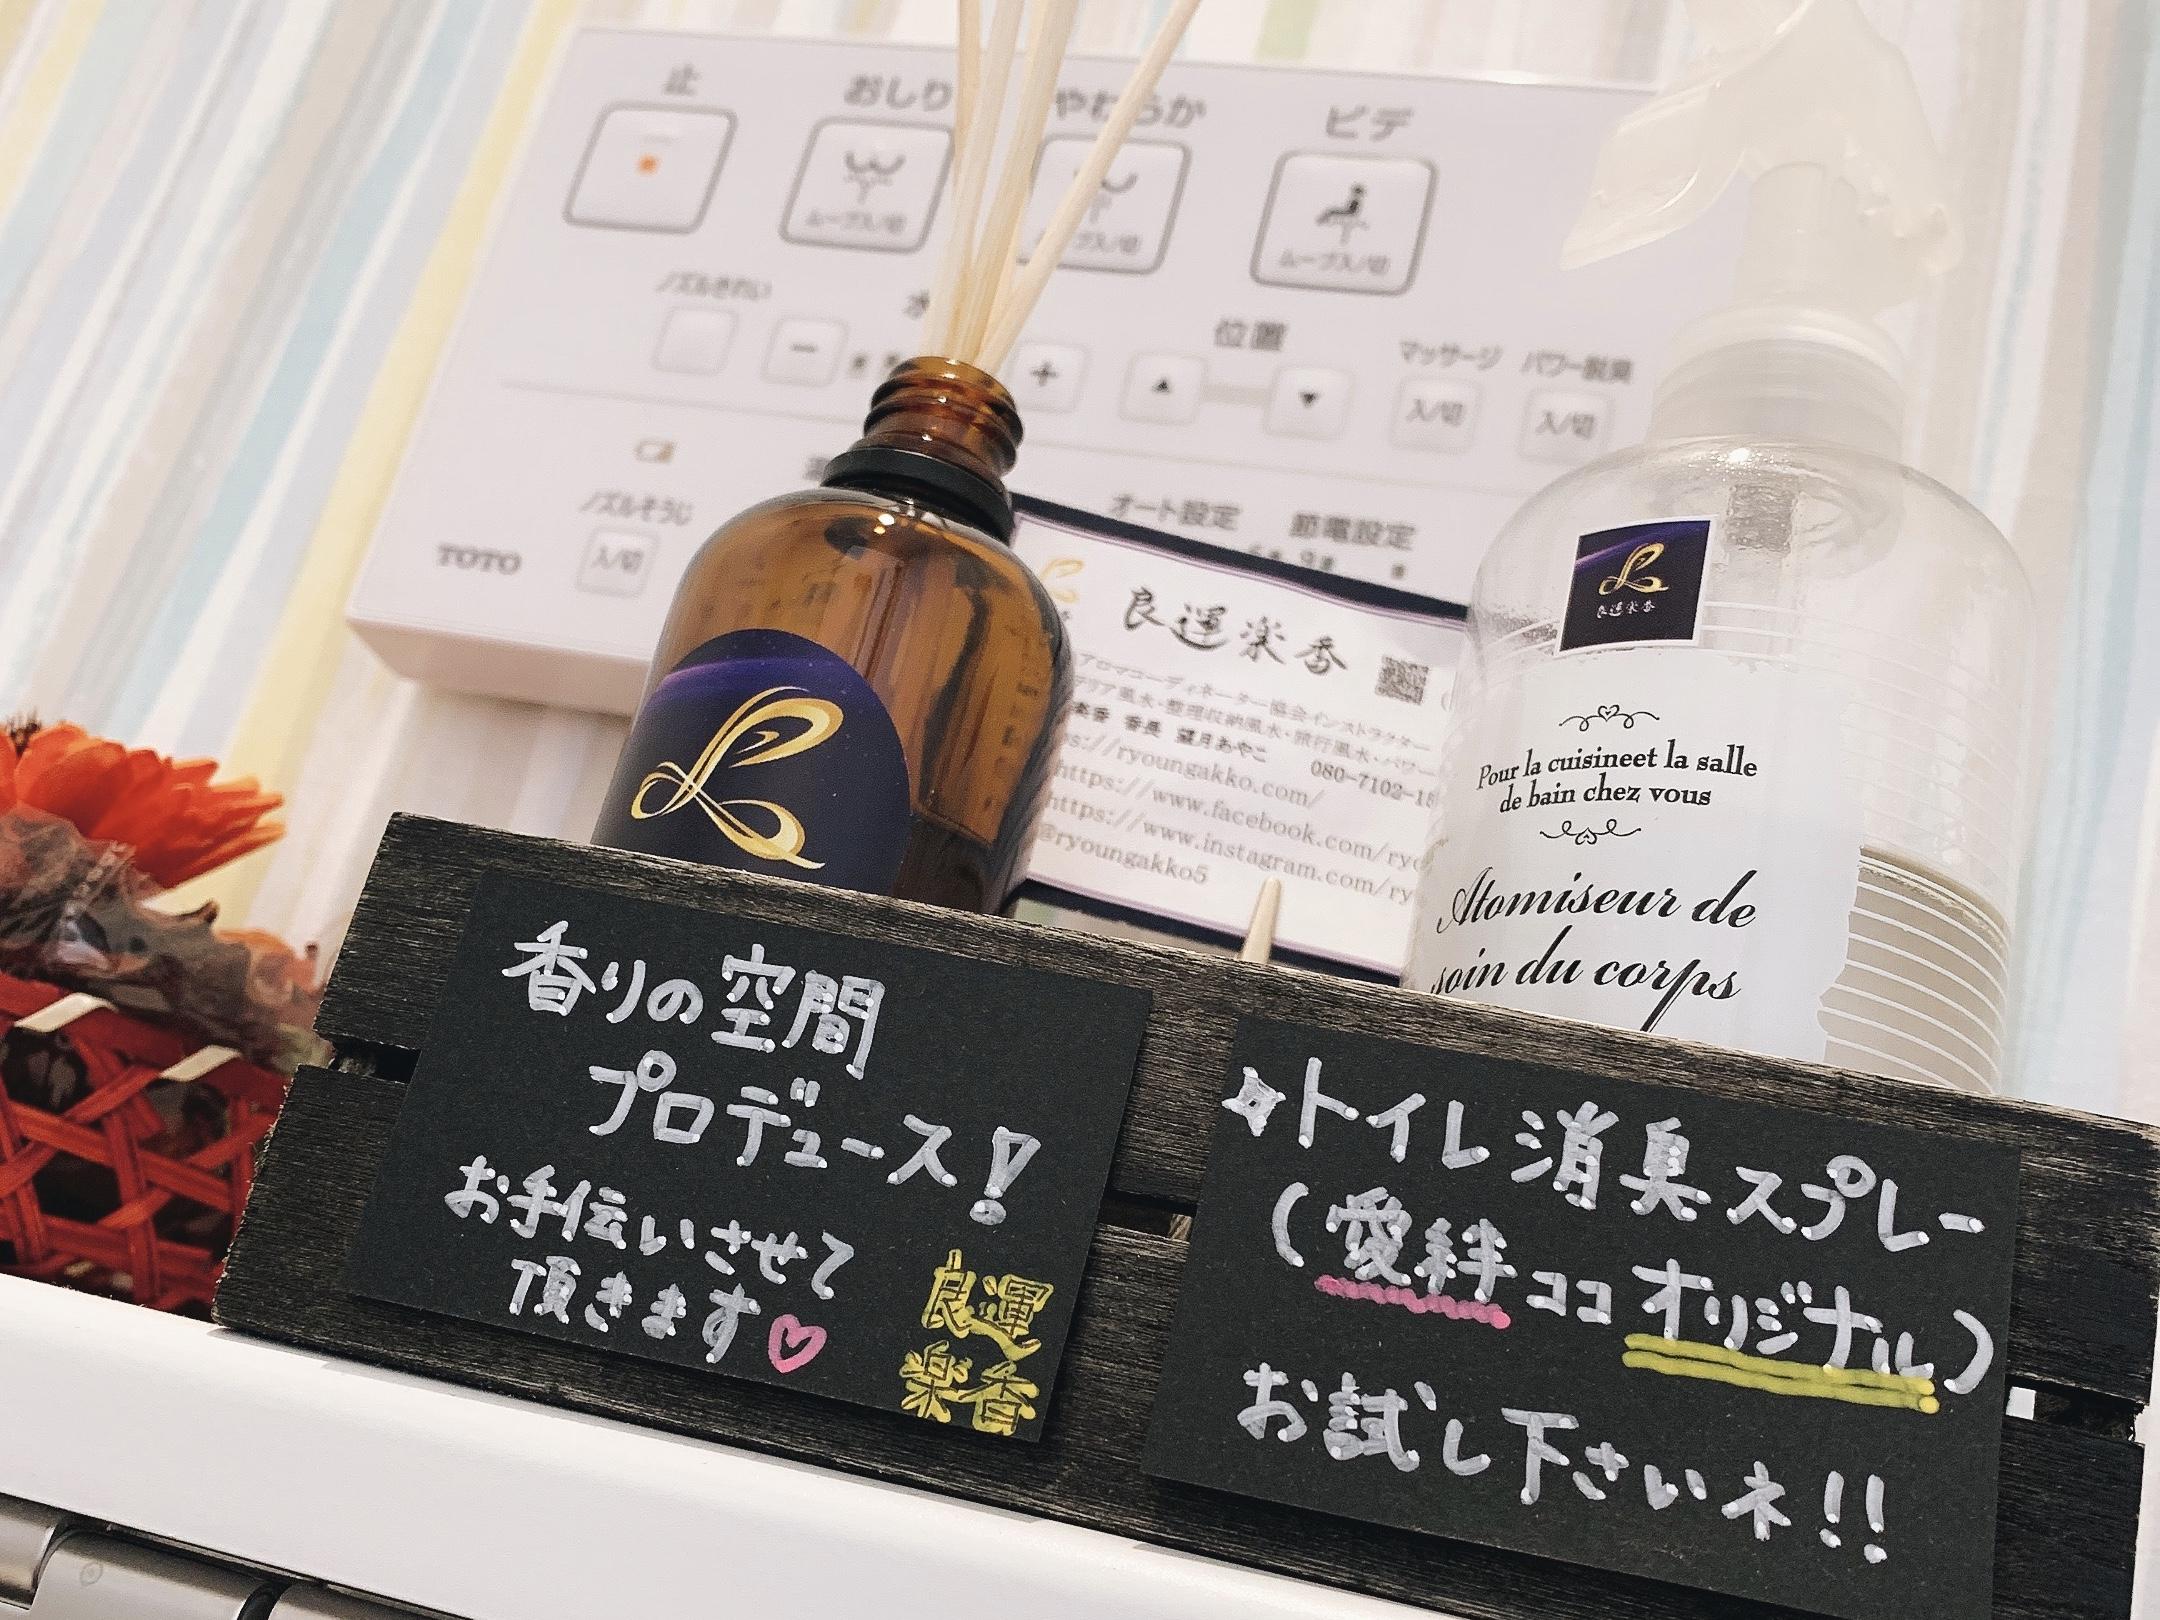 【アロマ】香りの空間プロデュース cafeのトイレ空間メンテナンス